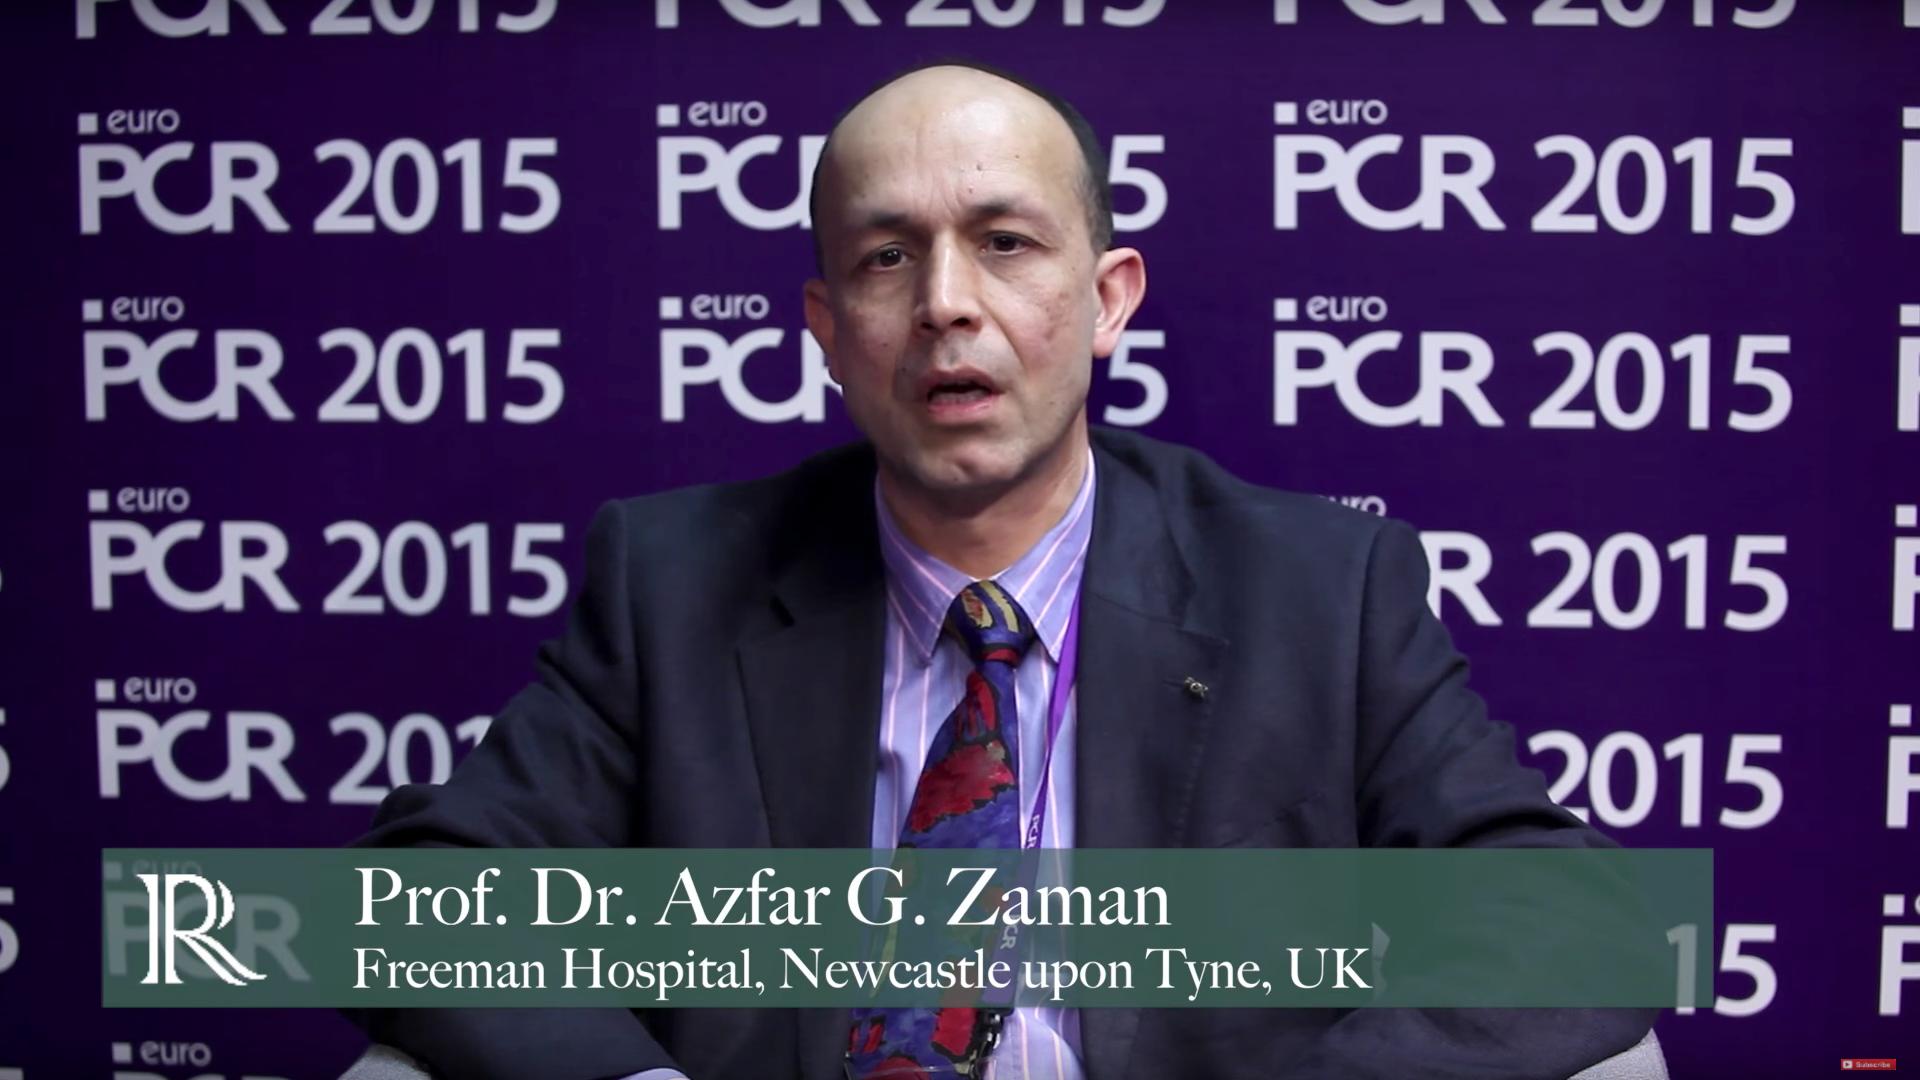 EUROPCR 2015 by Prof  Dr  Azfar G  Zaman